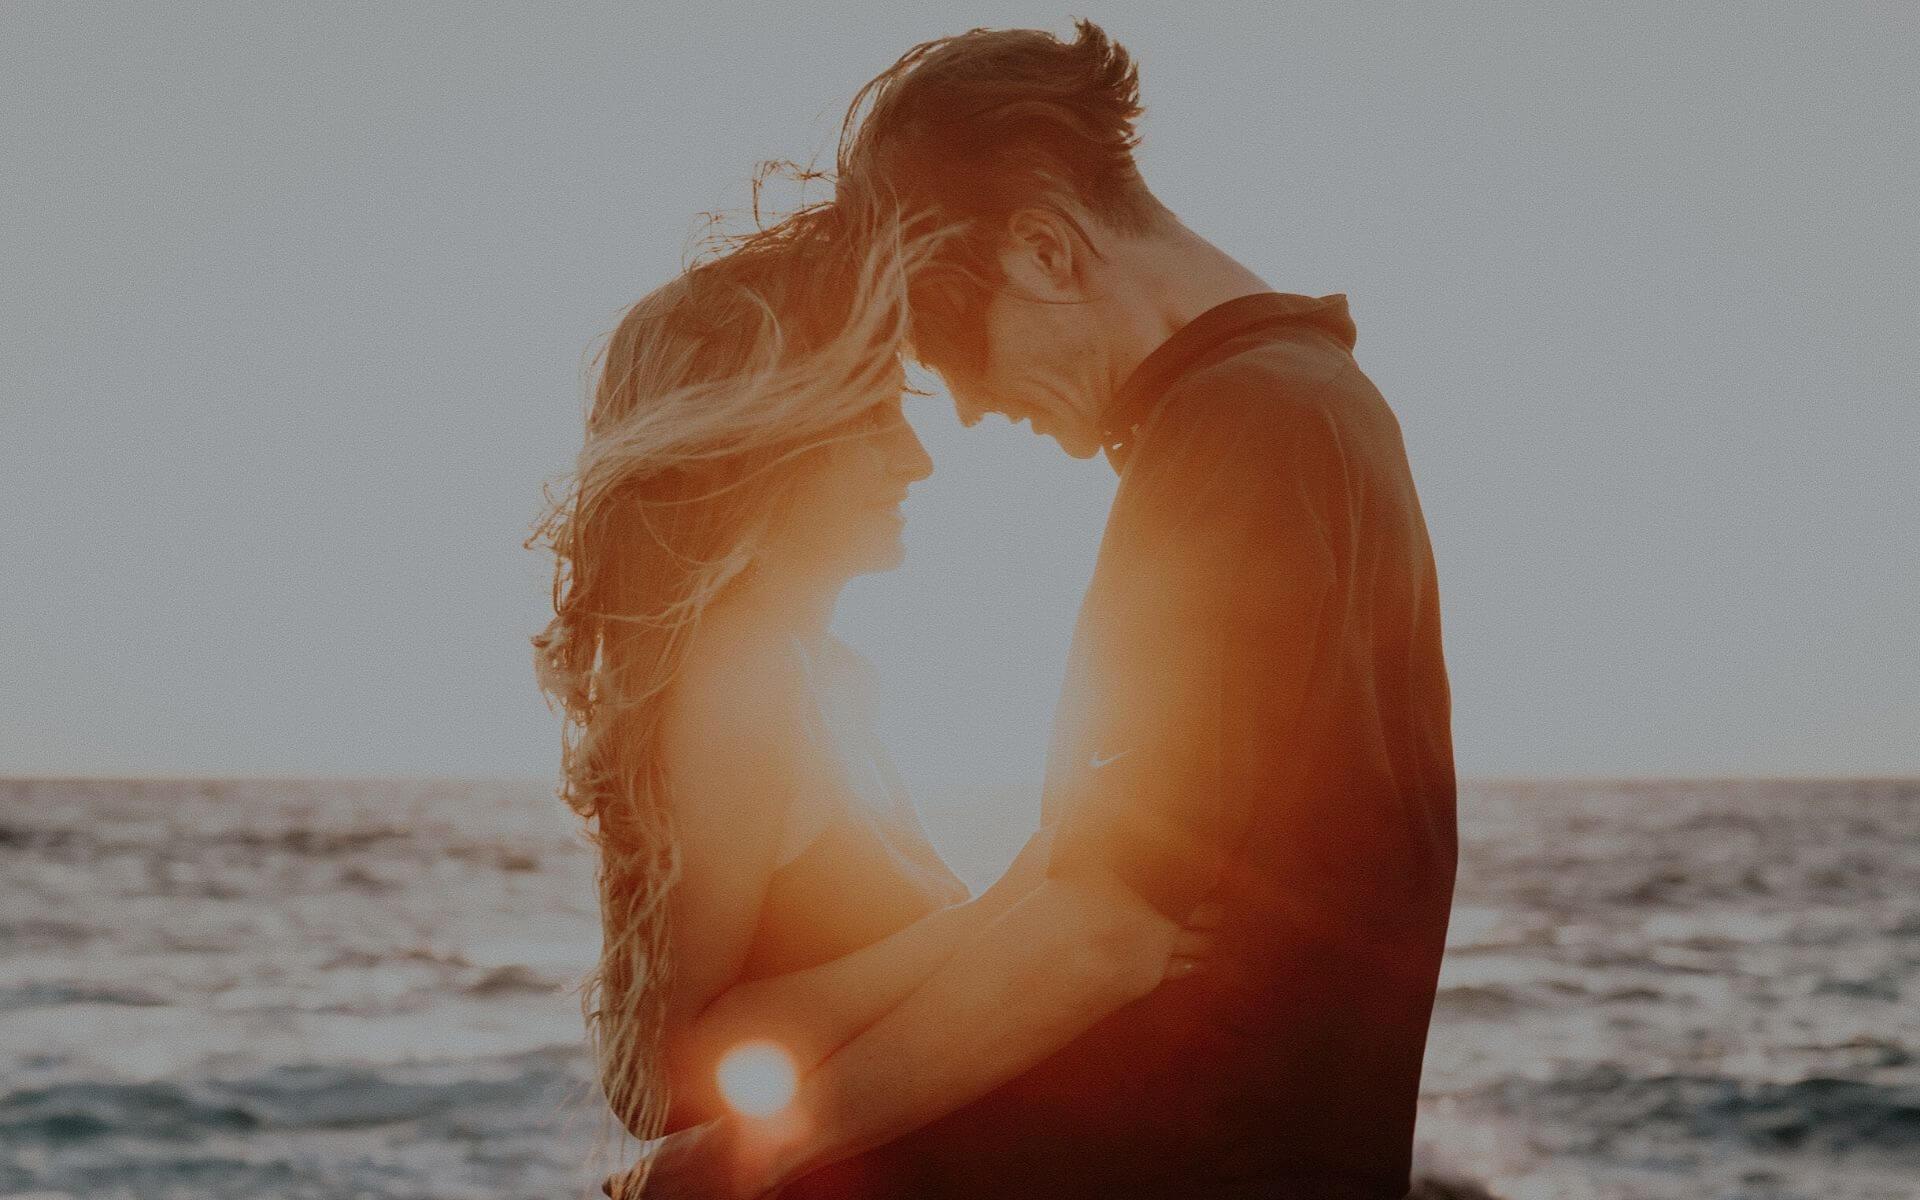 5 Dinge, die Männer an Frauen besonders attraktiv finden